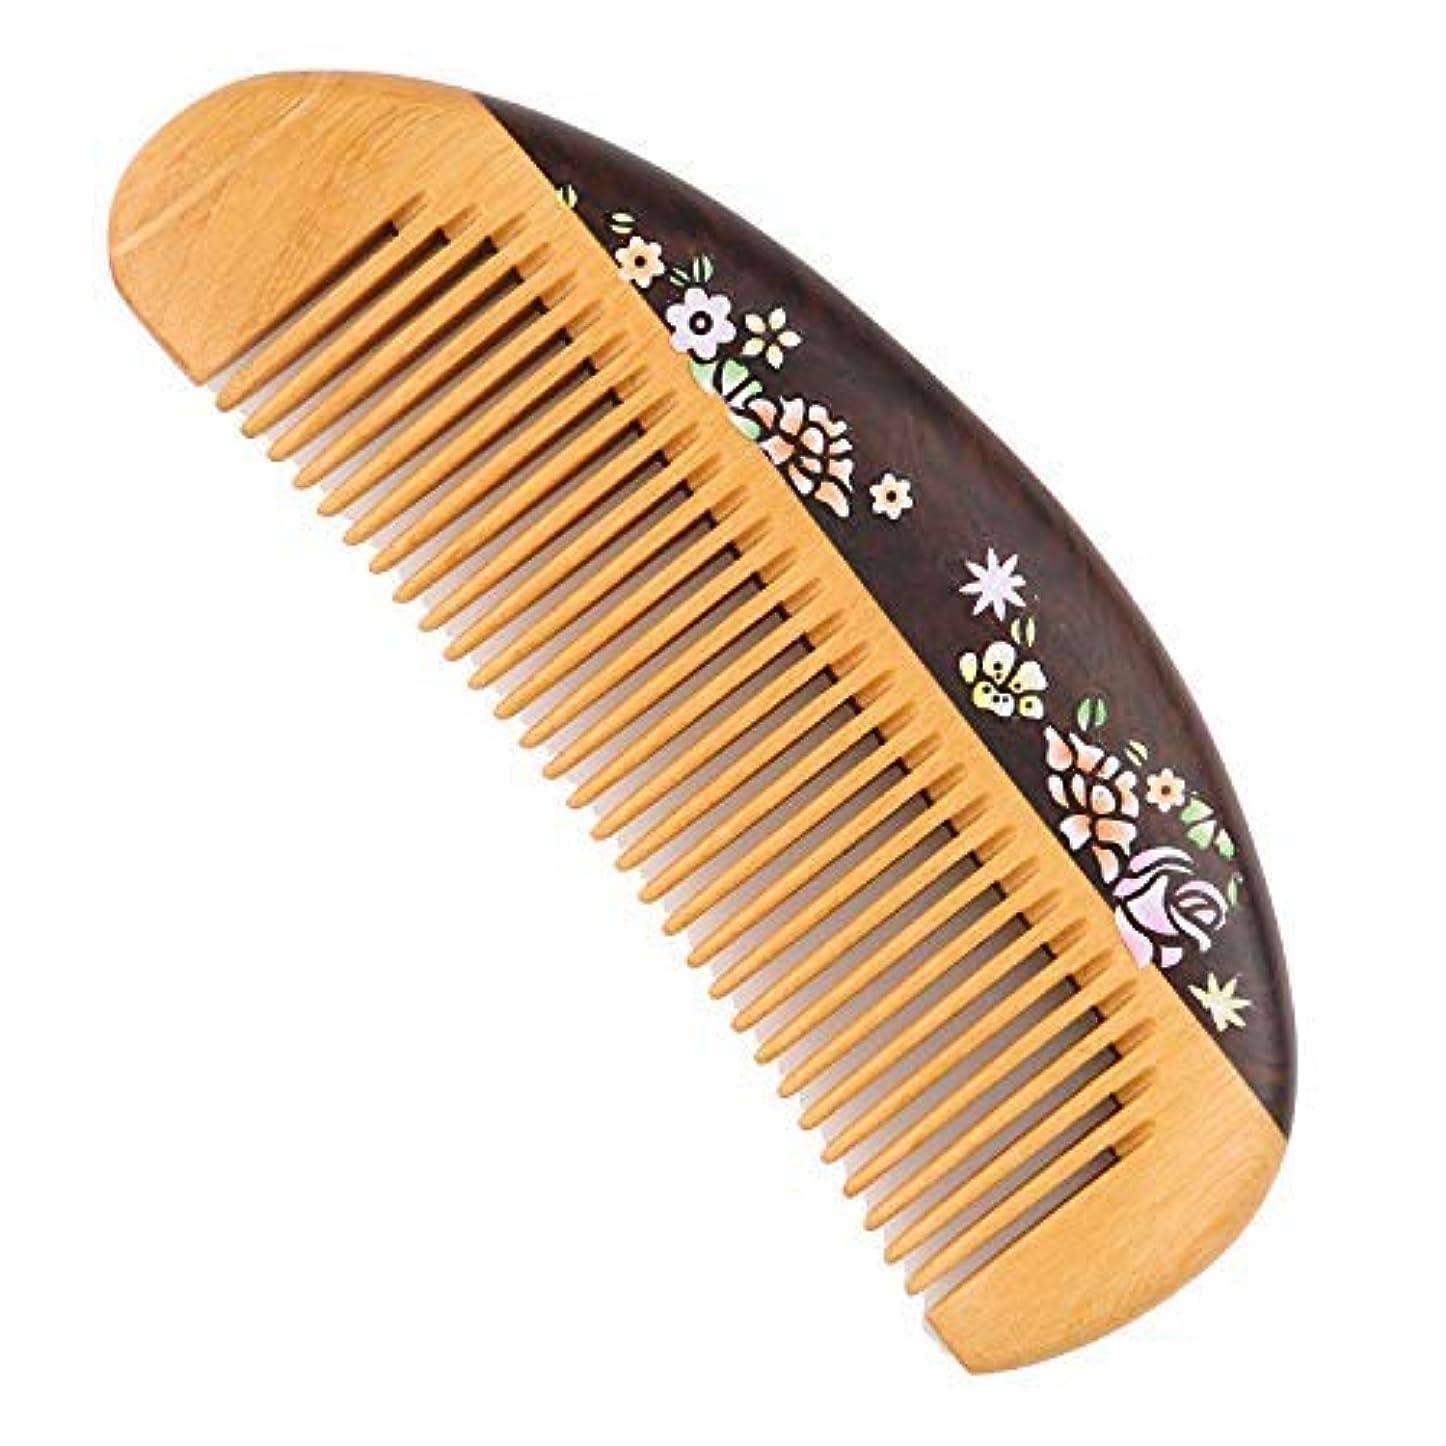 包囲代わりの考案するFine Tooth Wooden Comb [Gift Box] -LilyComb No Static Pocket Wood Comb for Girl and Women- Birthday Anniversary...